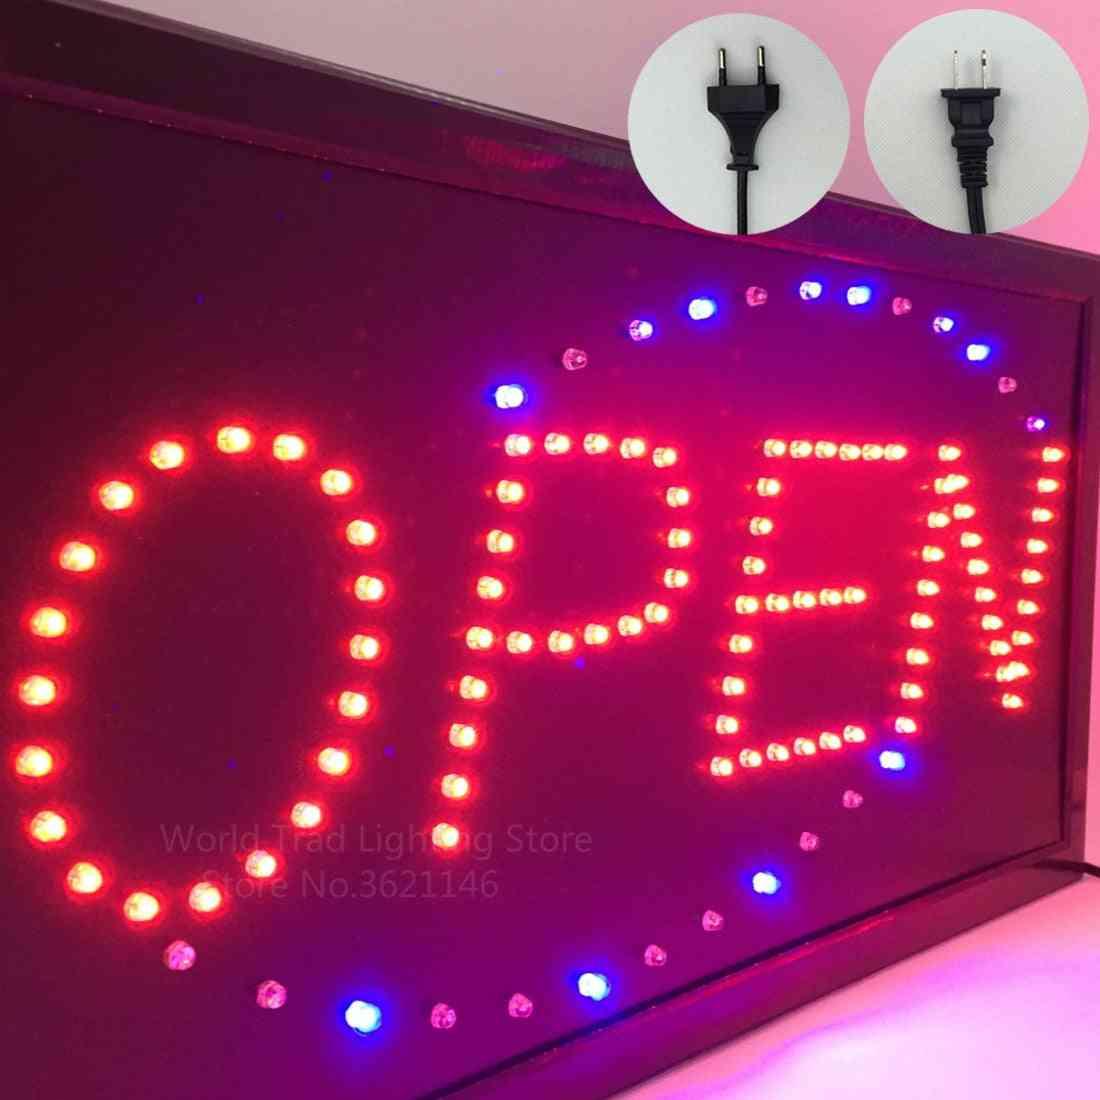 Led Store Open Sign Logo, Light Board